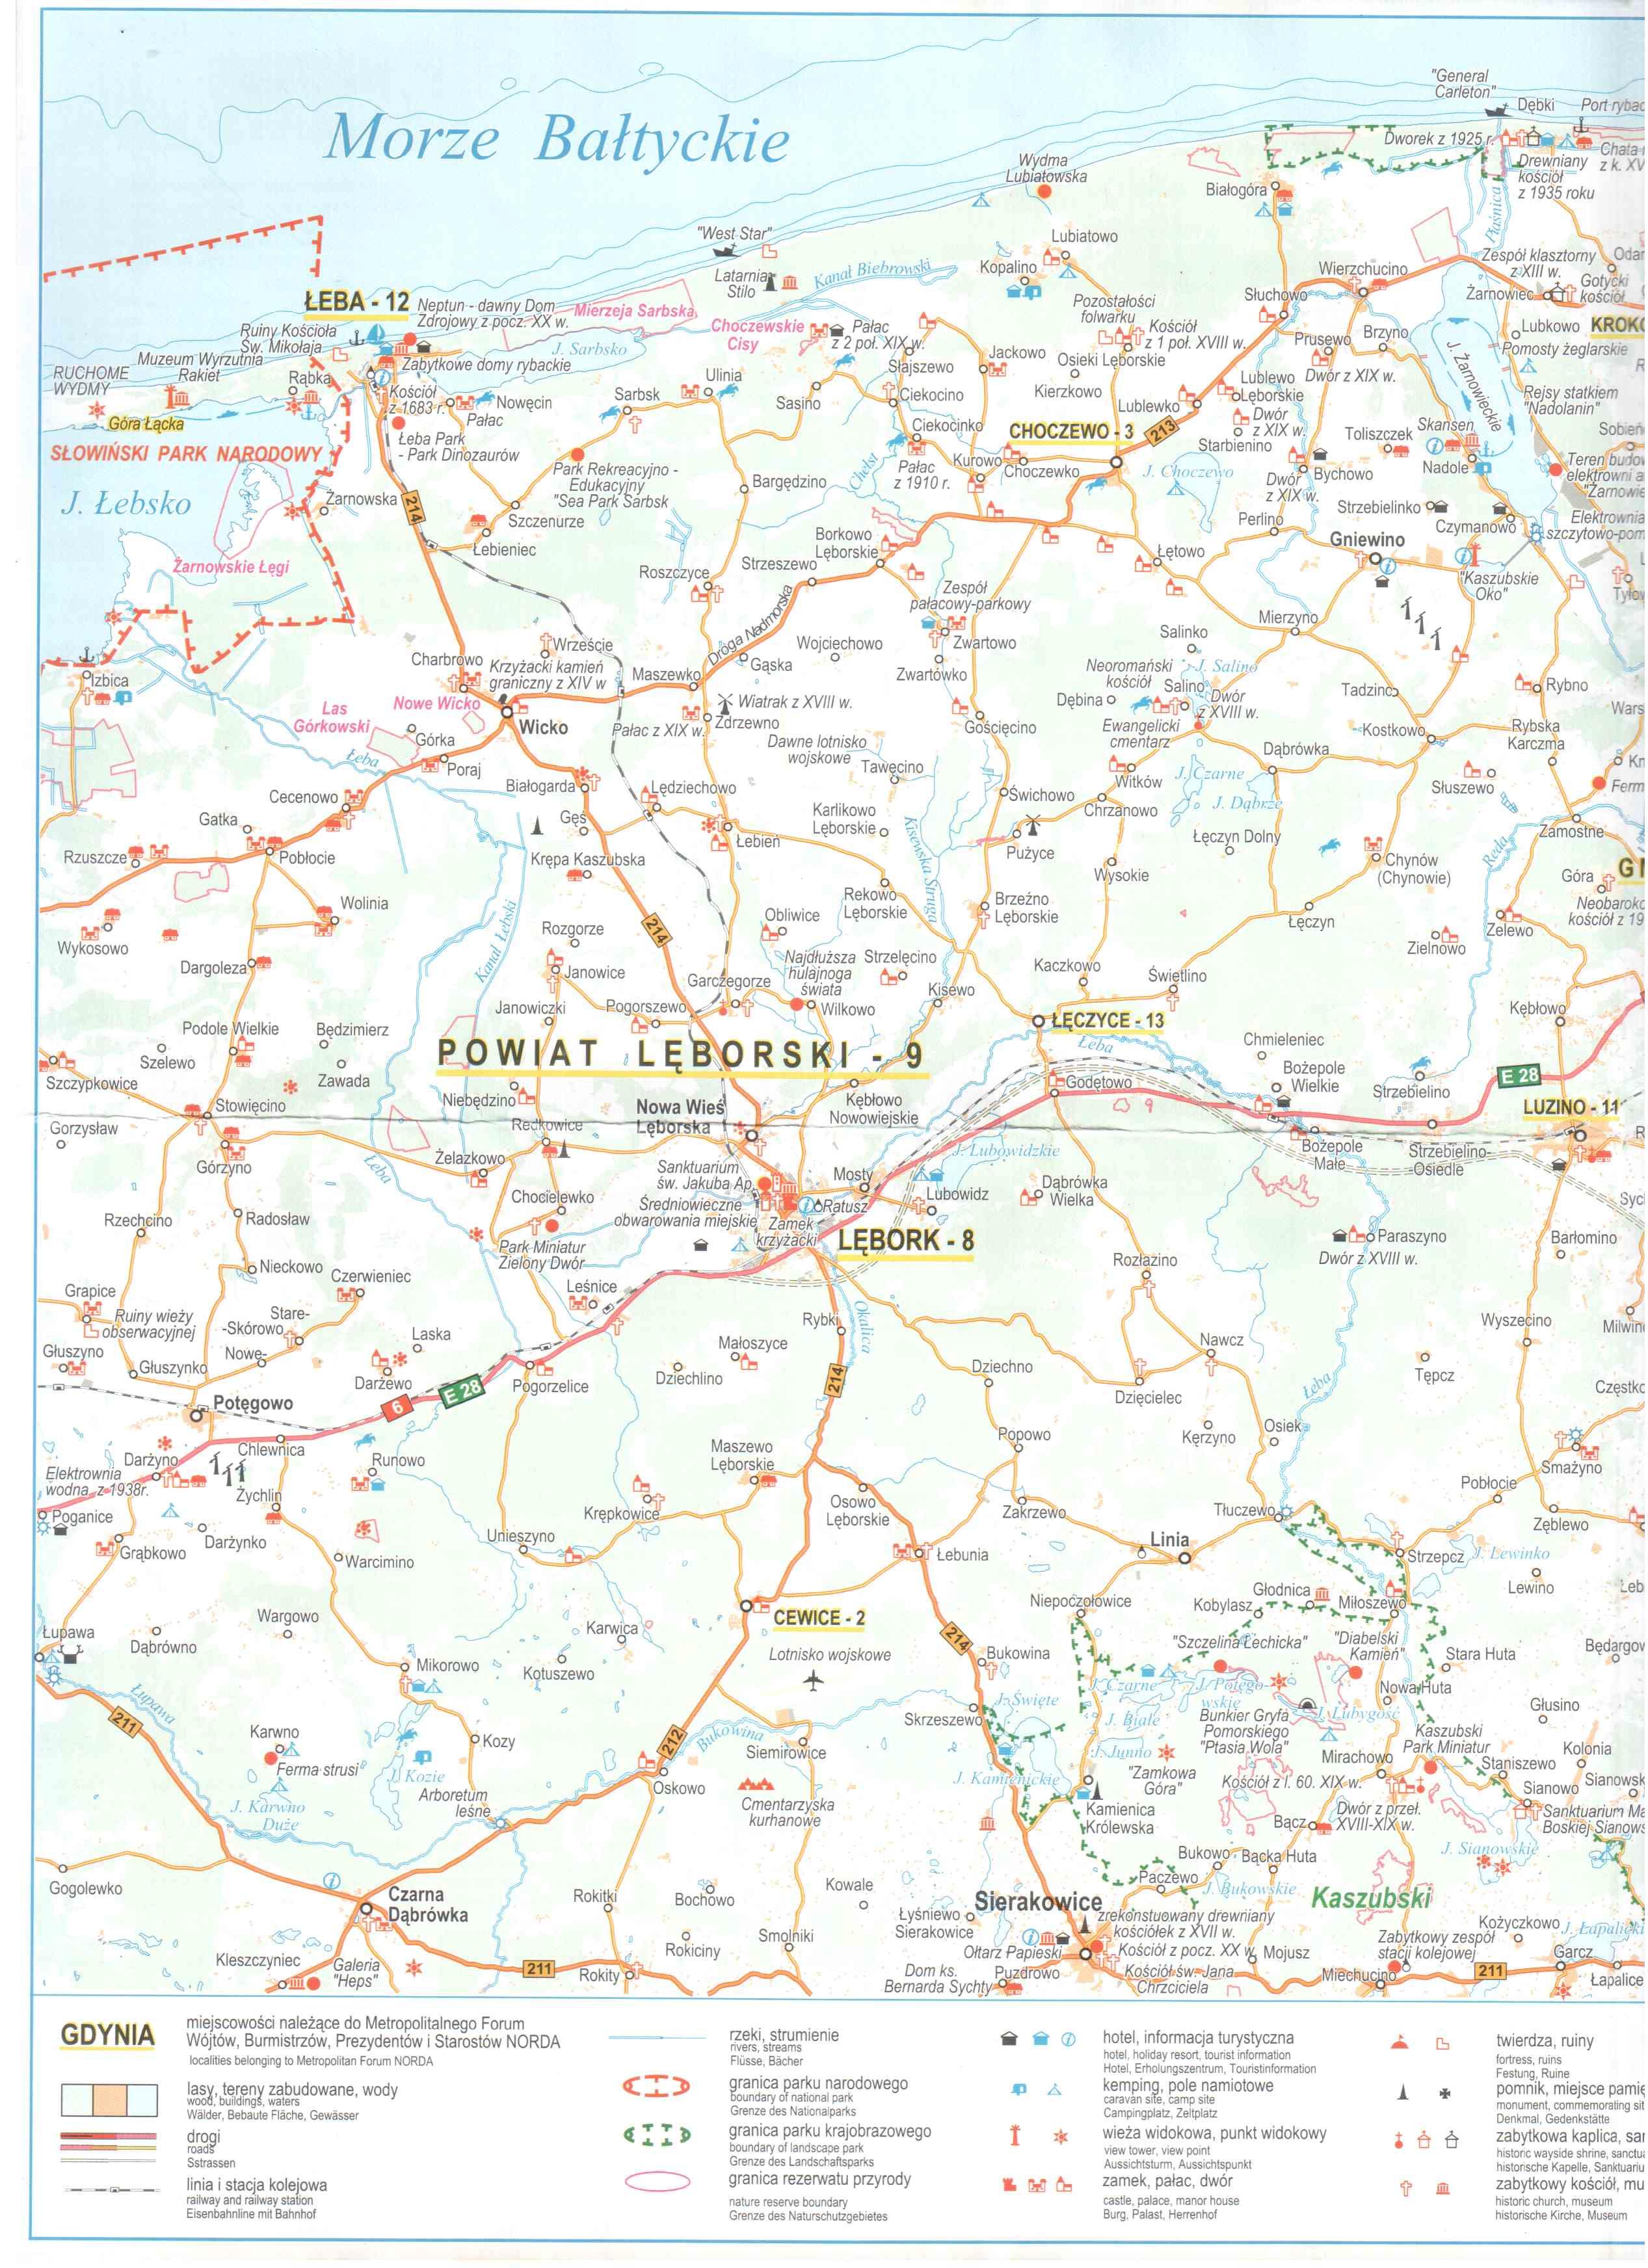 Гдыня Сопот Хель карта велодорожек Leba Lebork